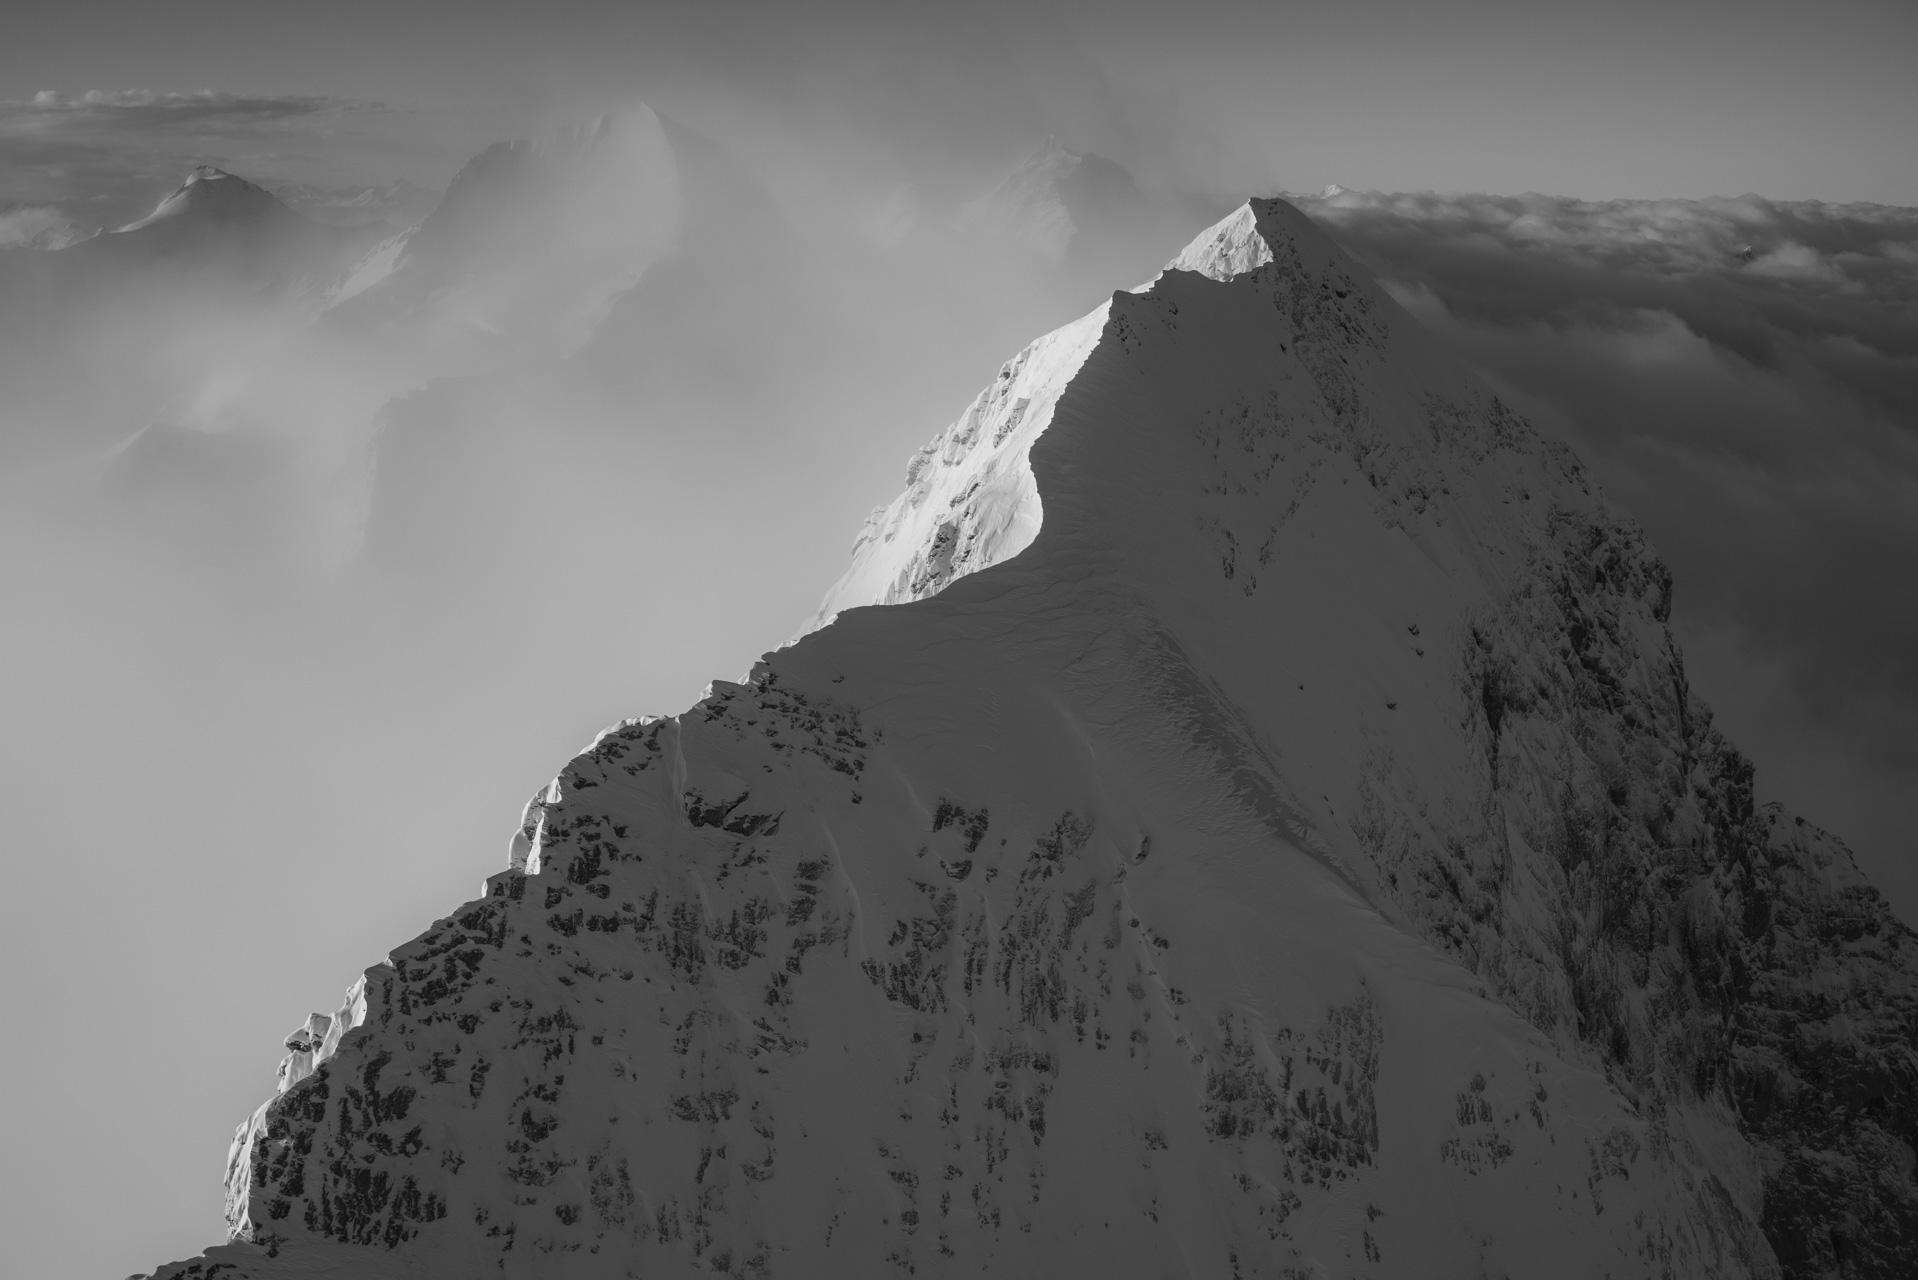 Eiger montagne - Sommets de l'Eiger en photo noir et blanc